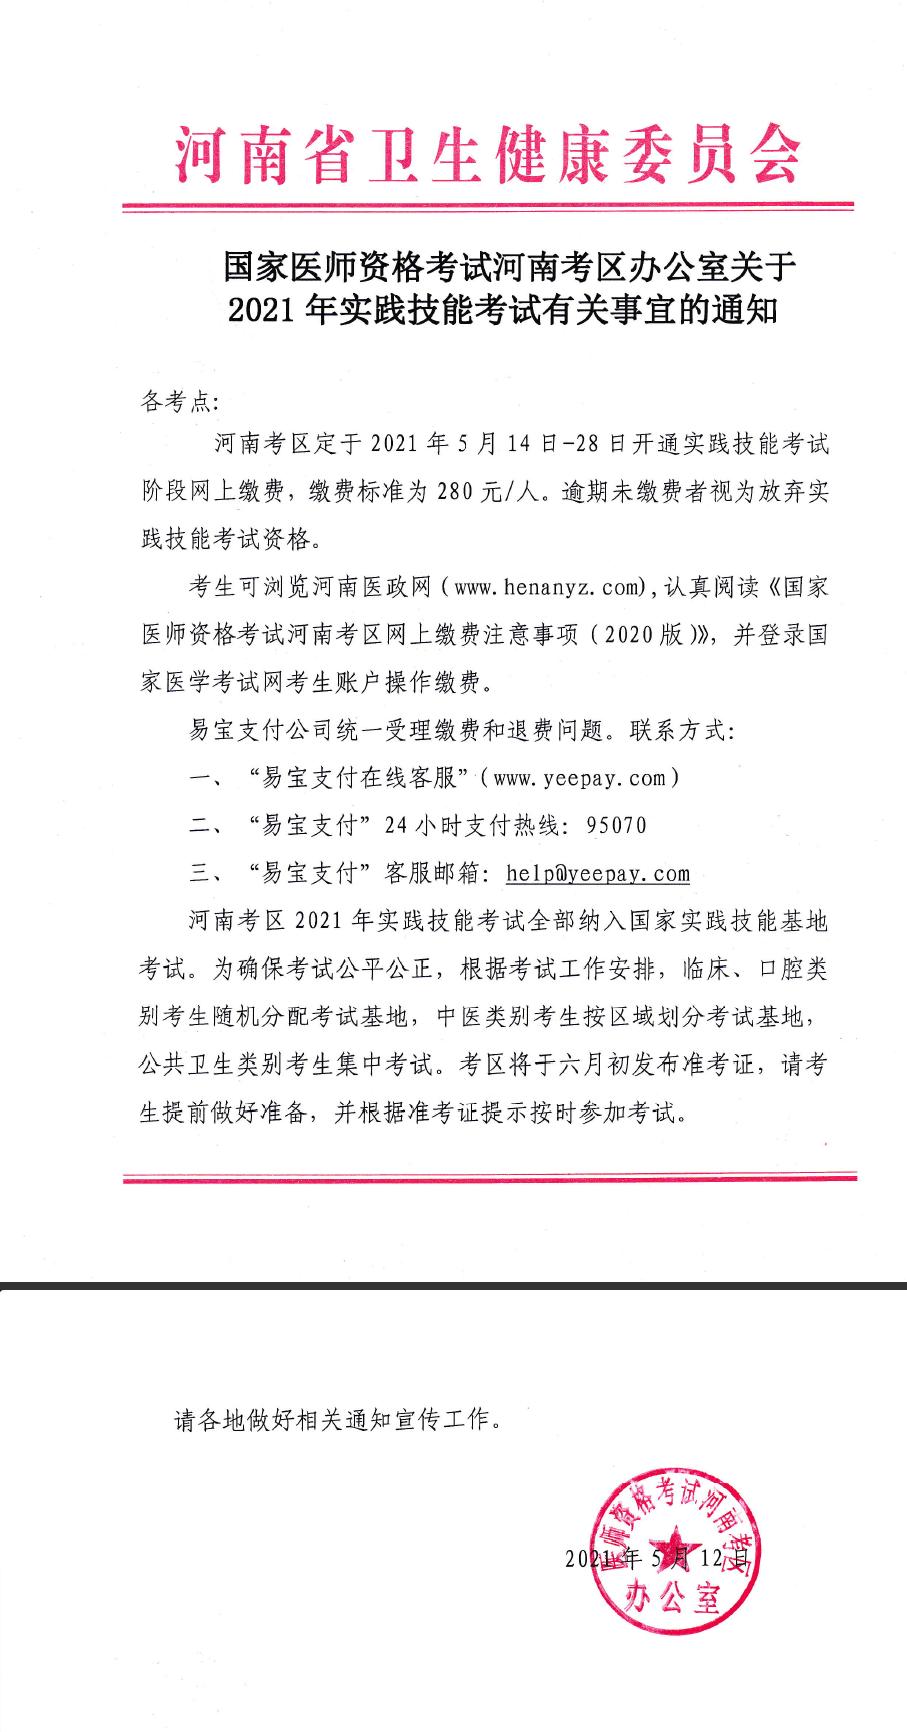 河南技能考试公告